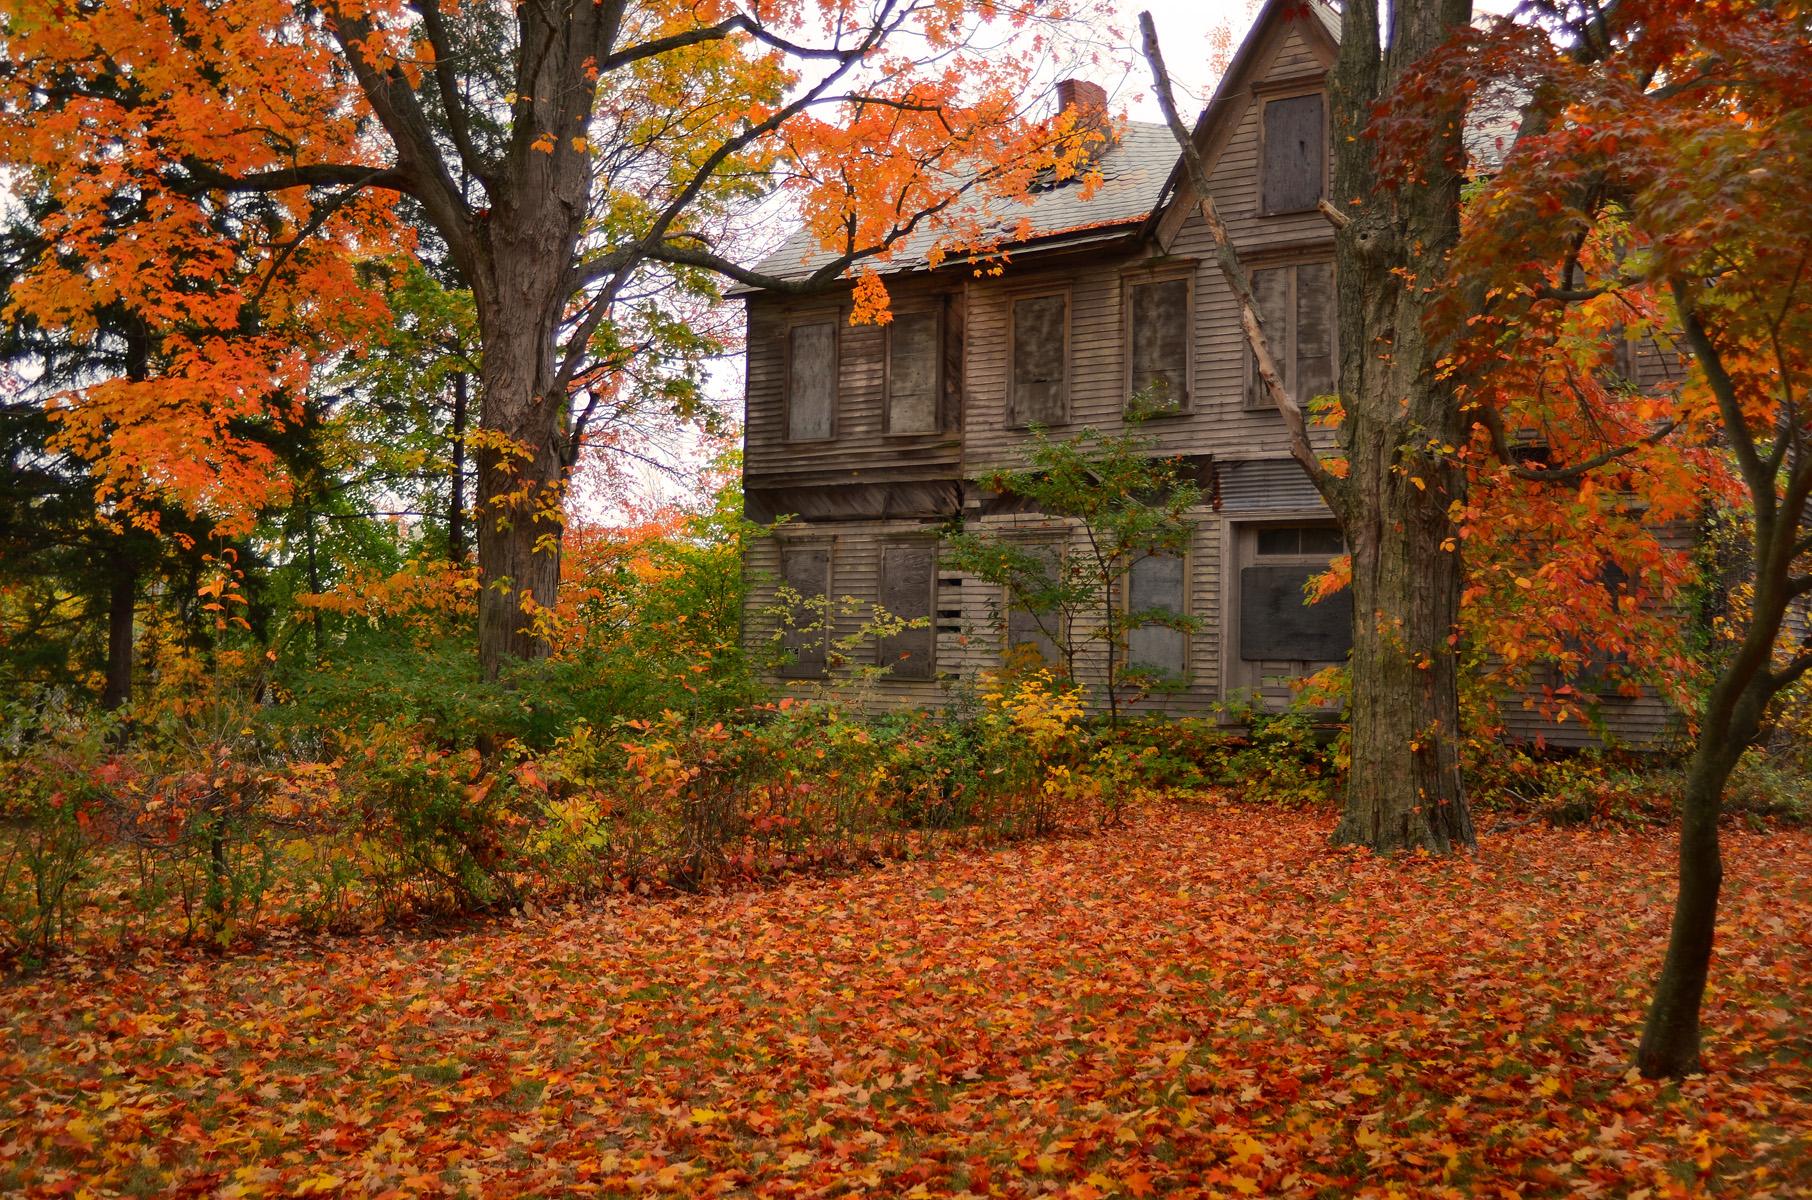 4k Central Park In The Fall Wallpaper Sfondi Luce Del Sole Paesaggio Autunno Le Foglie